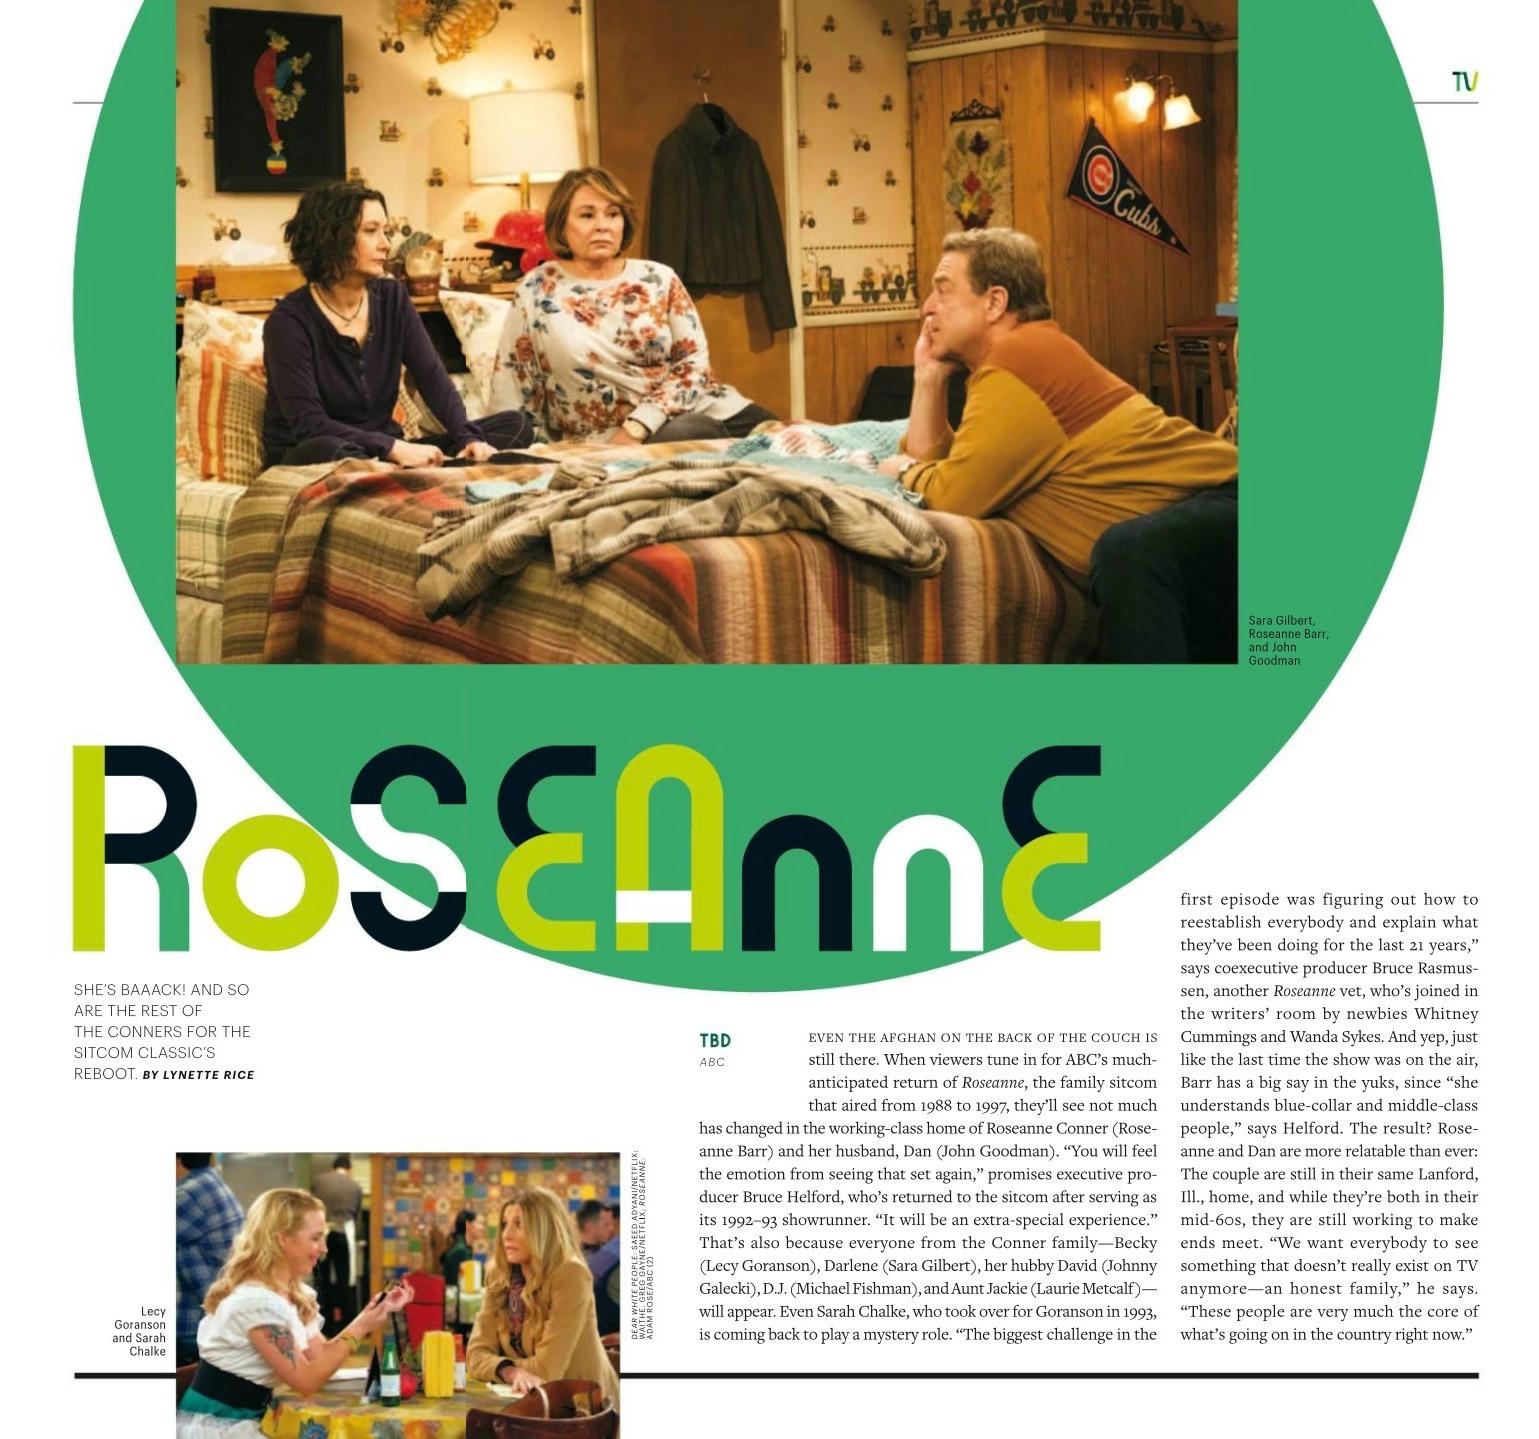 Roseanne Revival in Entertainment Weekly - December 2017